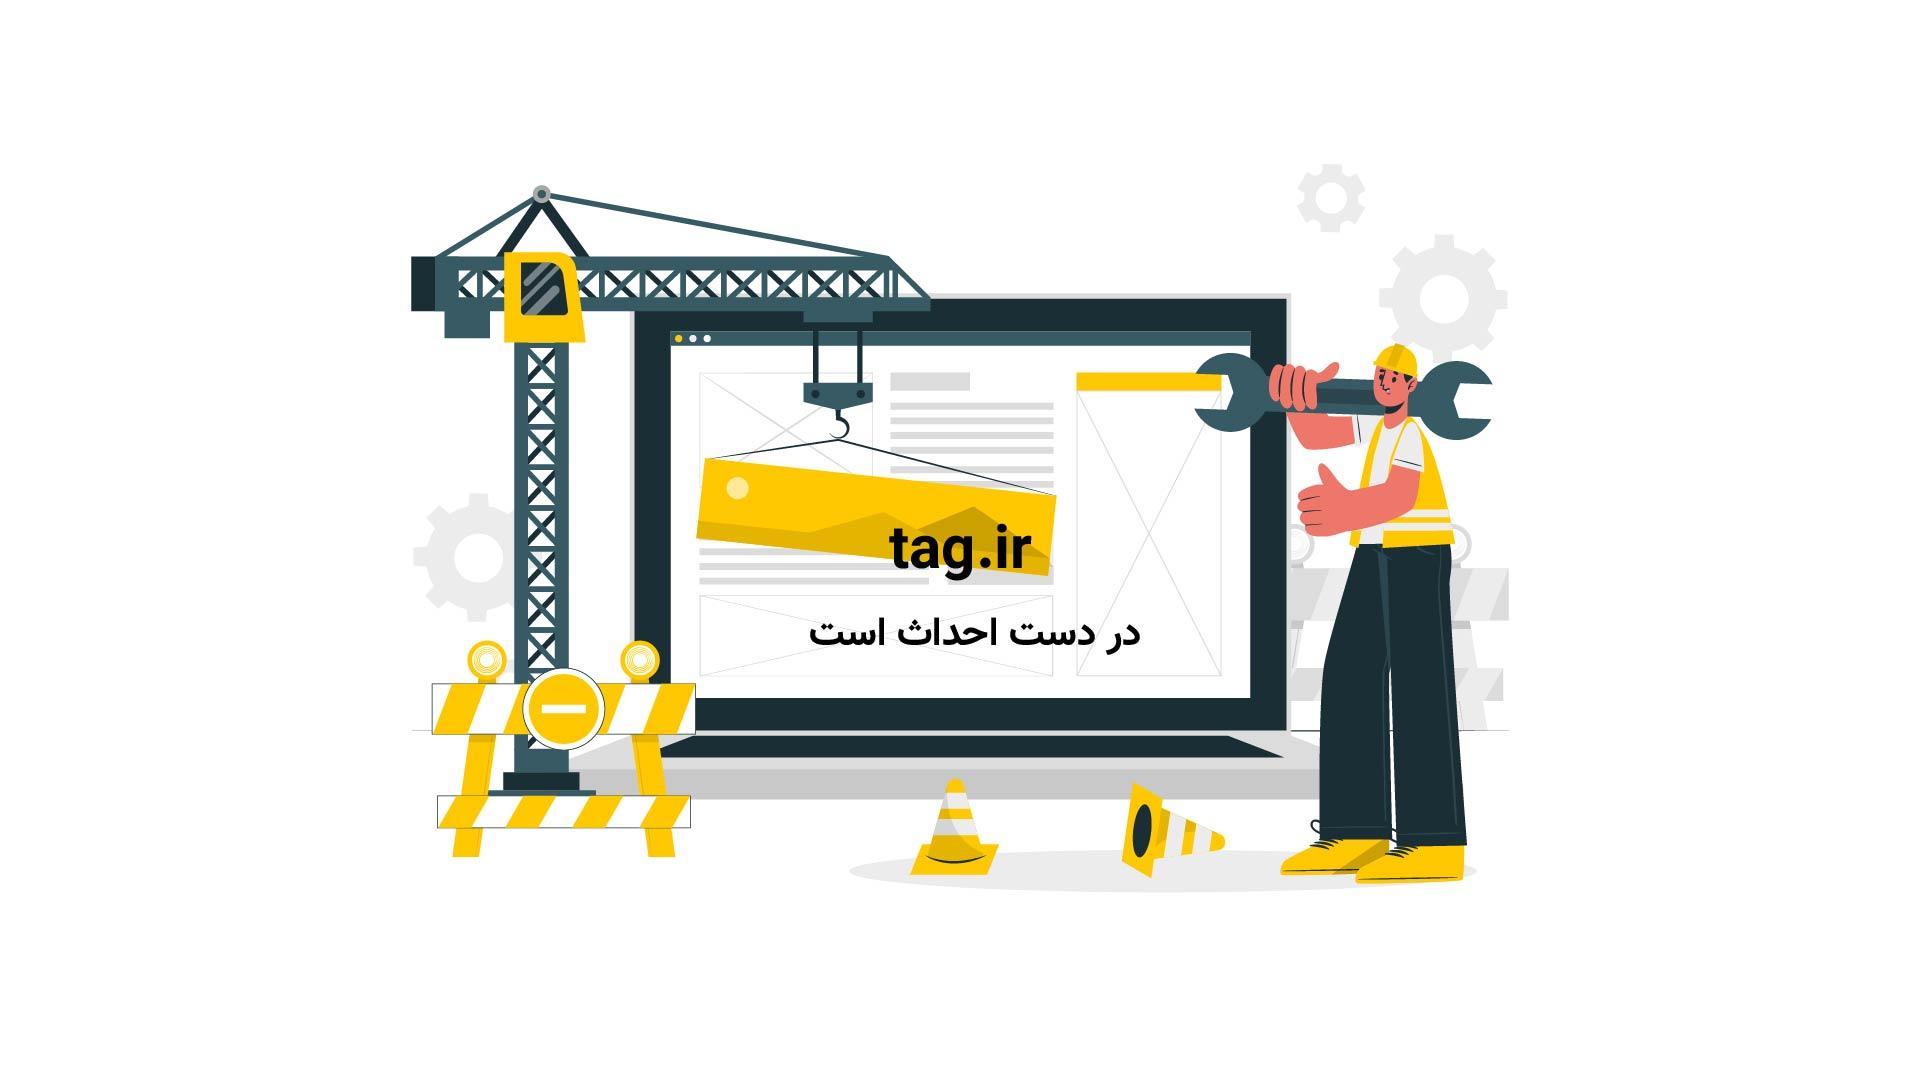 تعقیب و شکار گوزن توسط اژدهای کومودو   فیلم